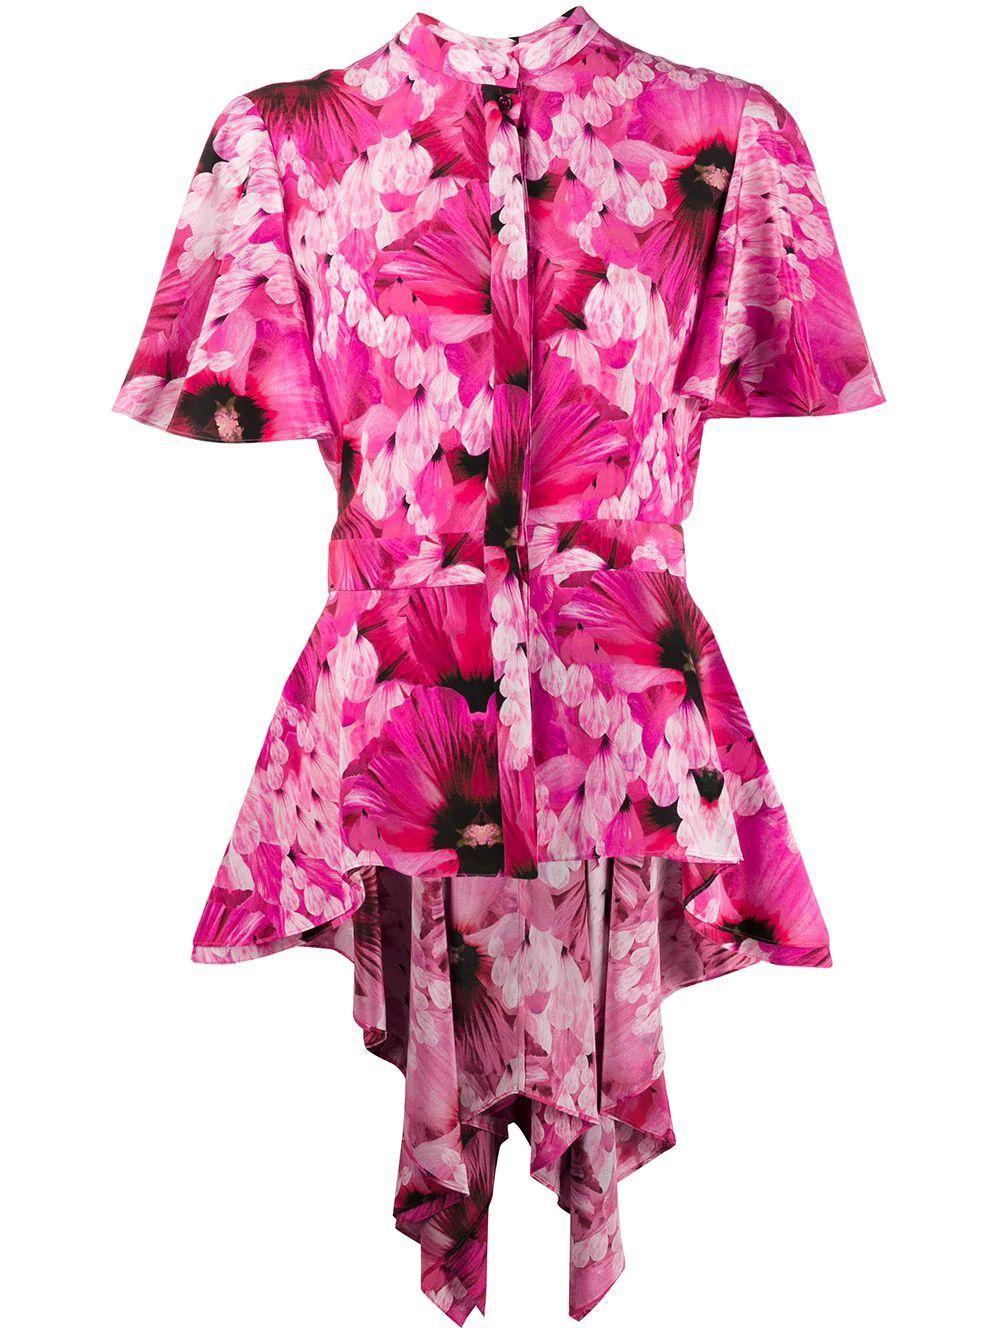 Floral Print Asymmetrical Blouse